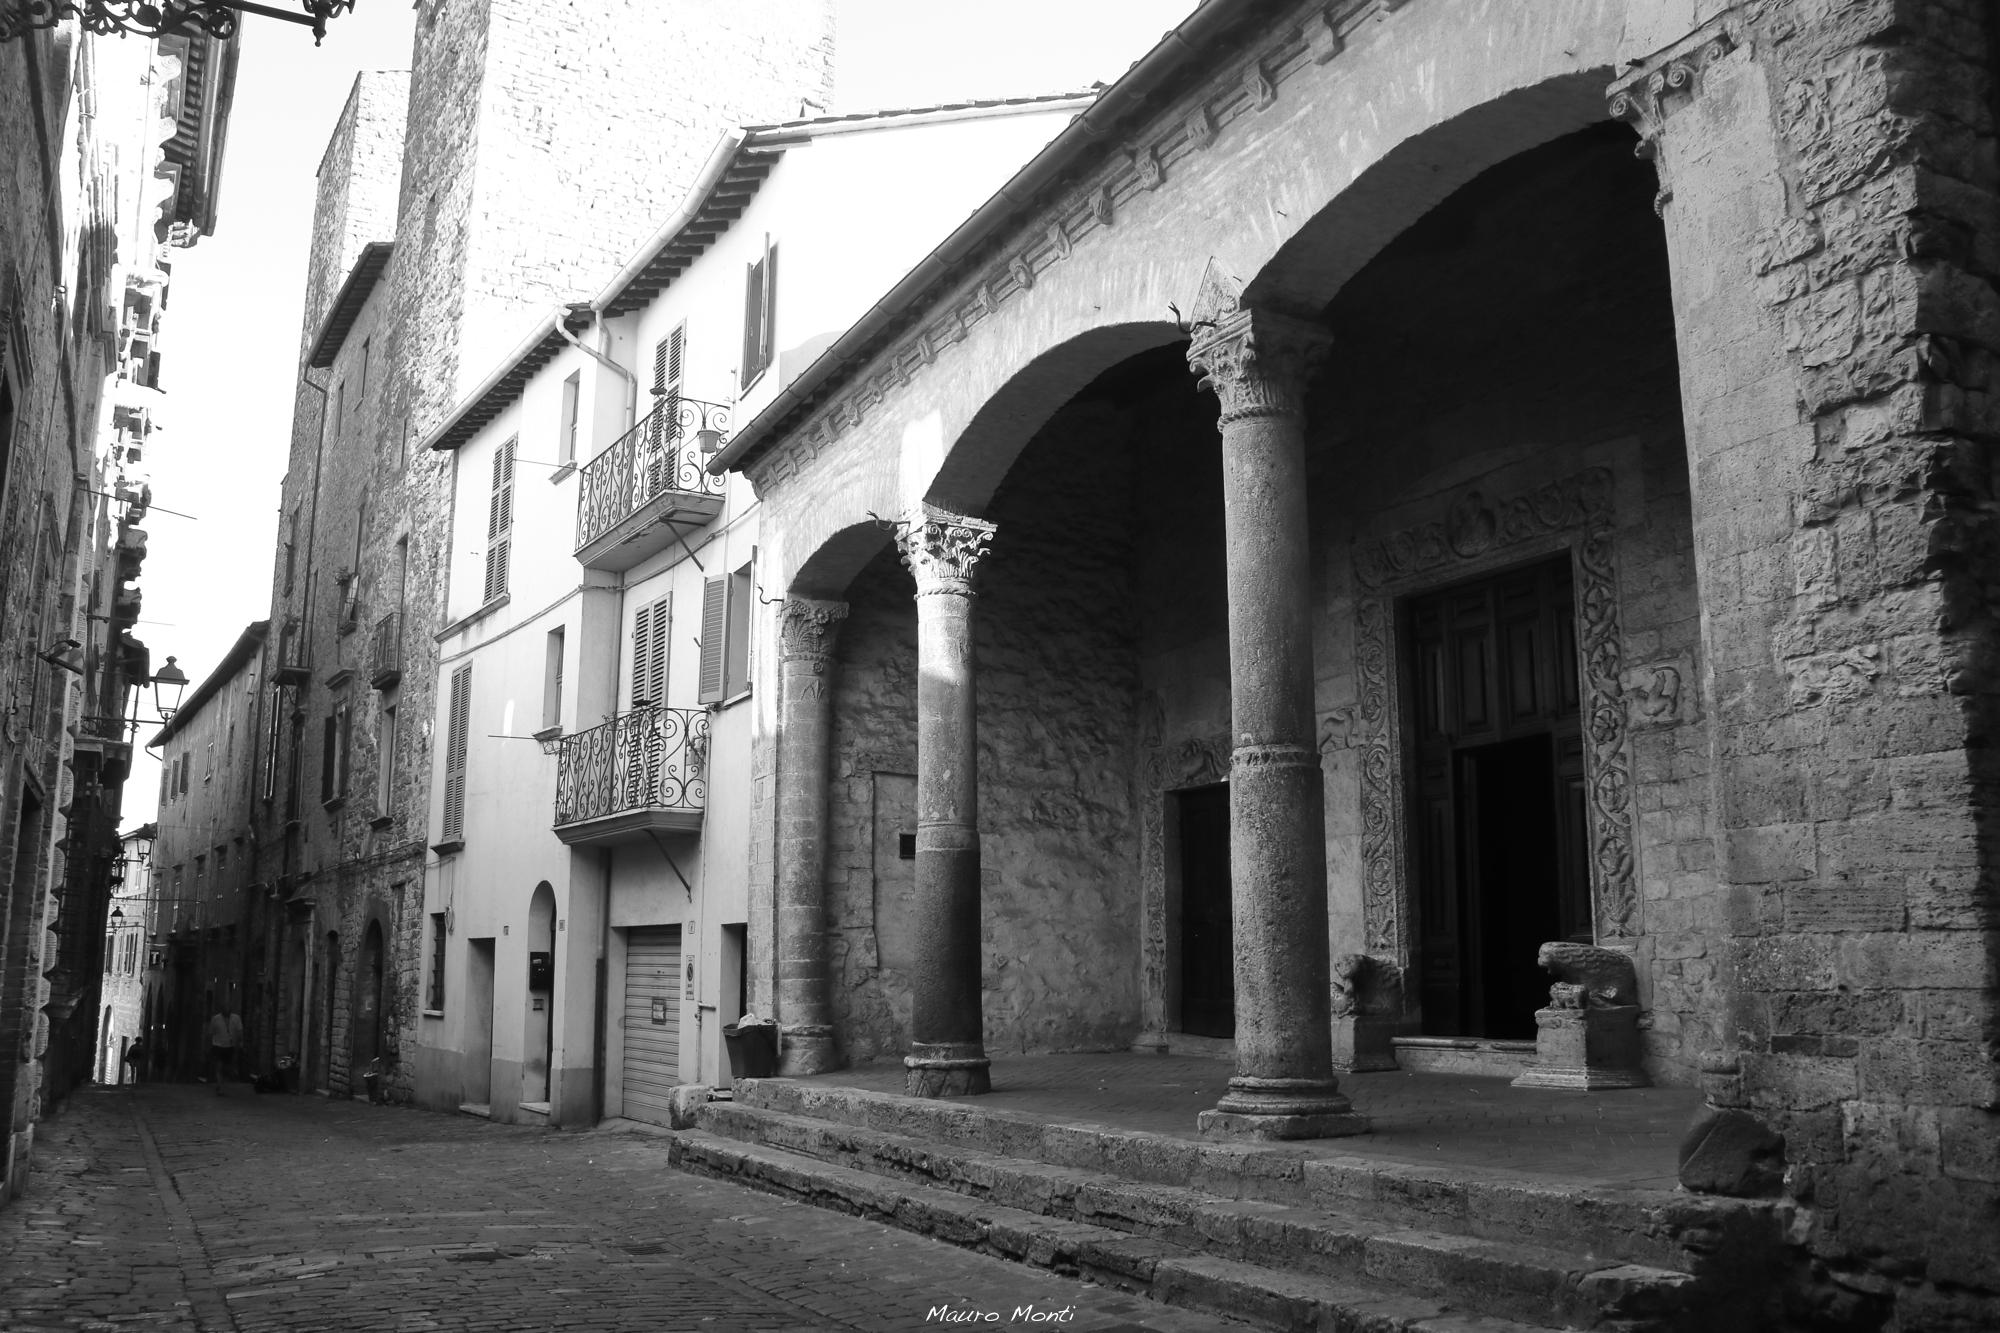 Chiesa di S. Maria Impensole, Narni - (c) Mauro Monti